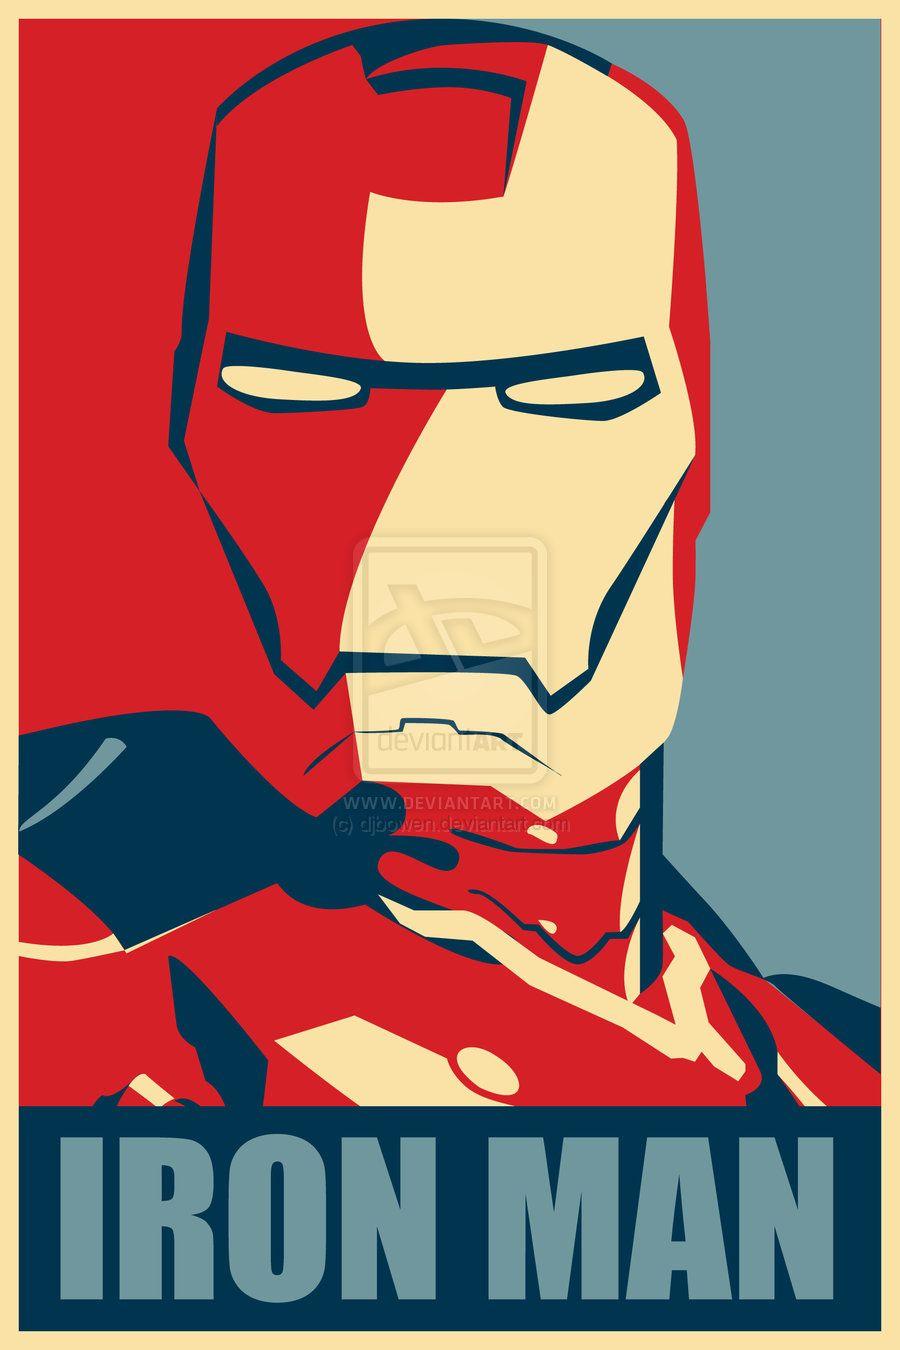 Iron Man Hope Poster Mark 1 by djbowen.deviantart.com | HOPE ...